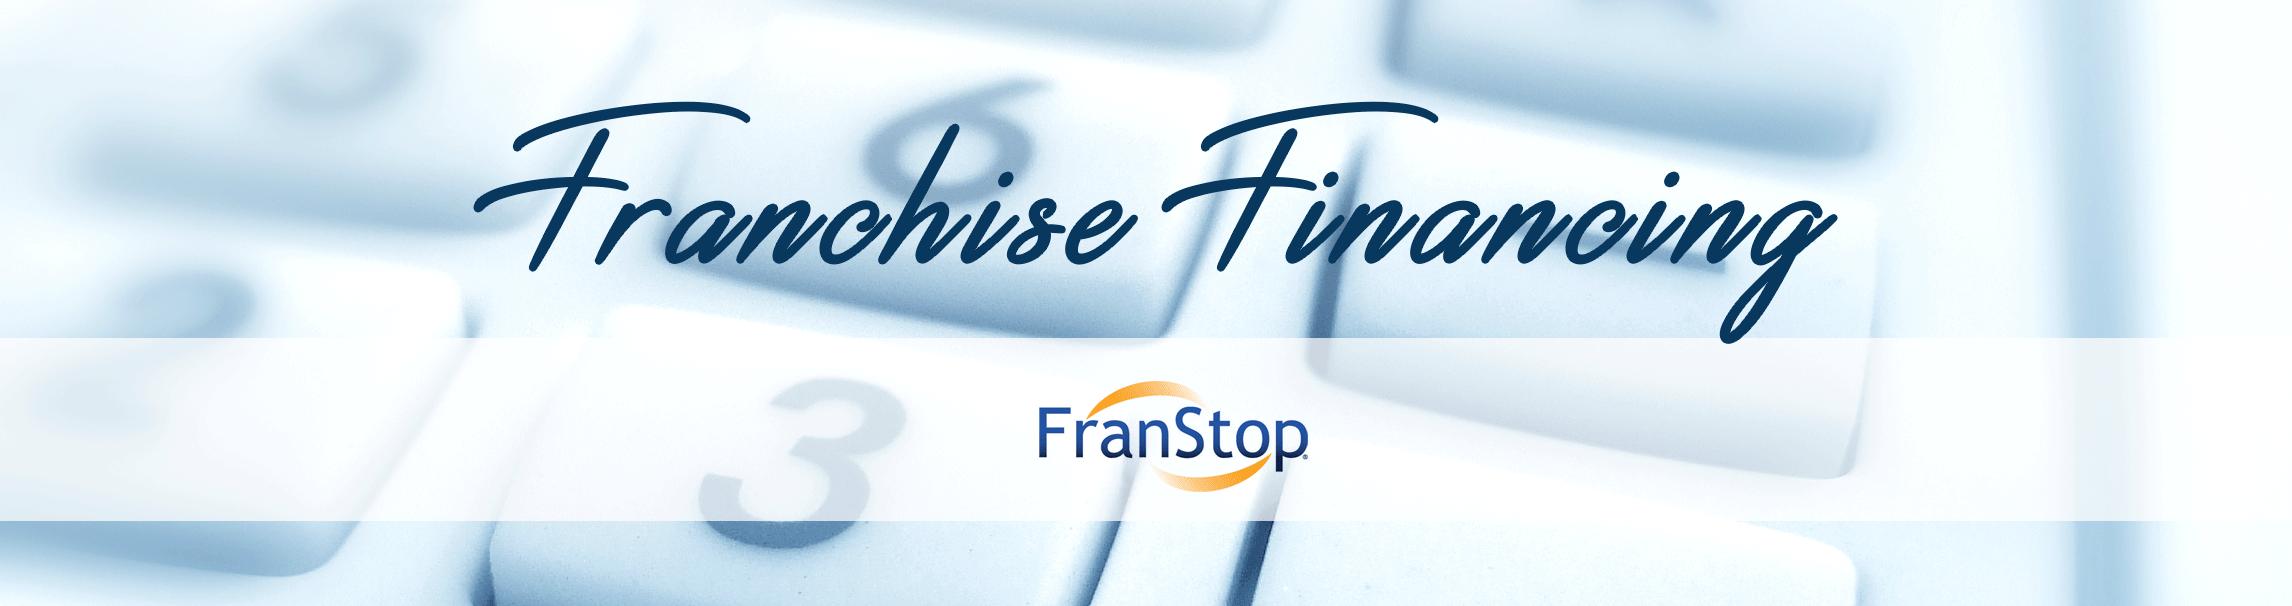 Franchise_FranStop_Franchise_Buy_Sell_Franchising_Financing